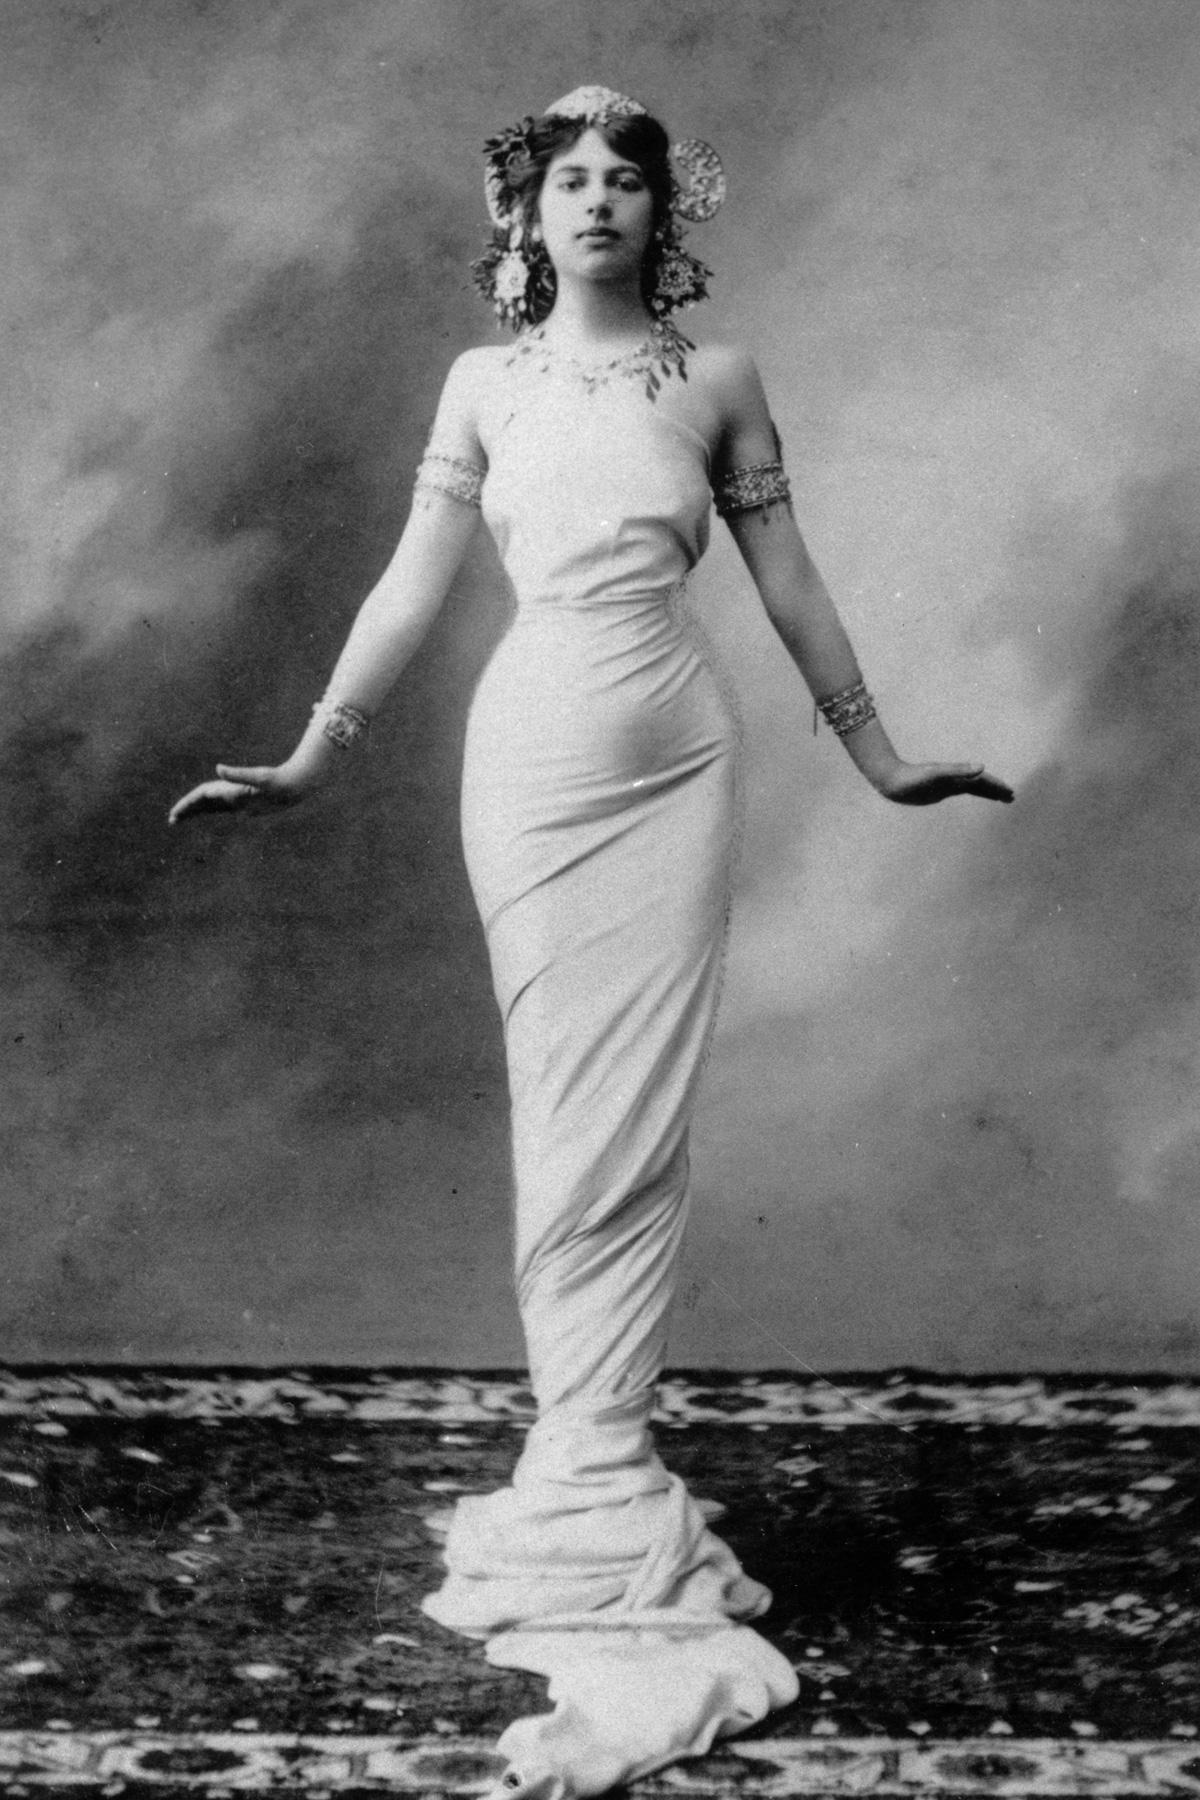 Тем временем в Париже Мата Хари влюбилась в молодого русского капитана, который частично ослеп, нахо